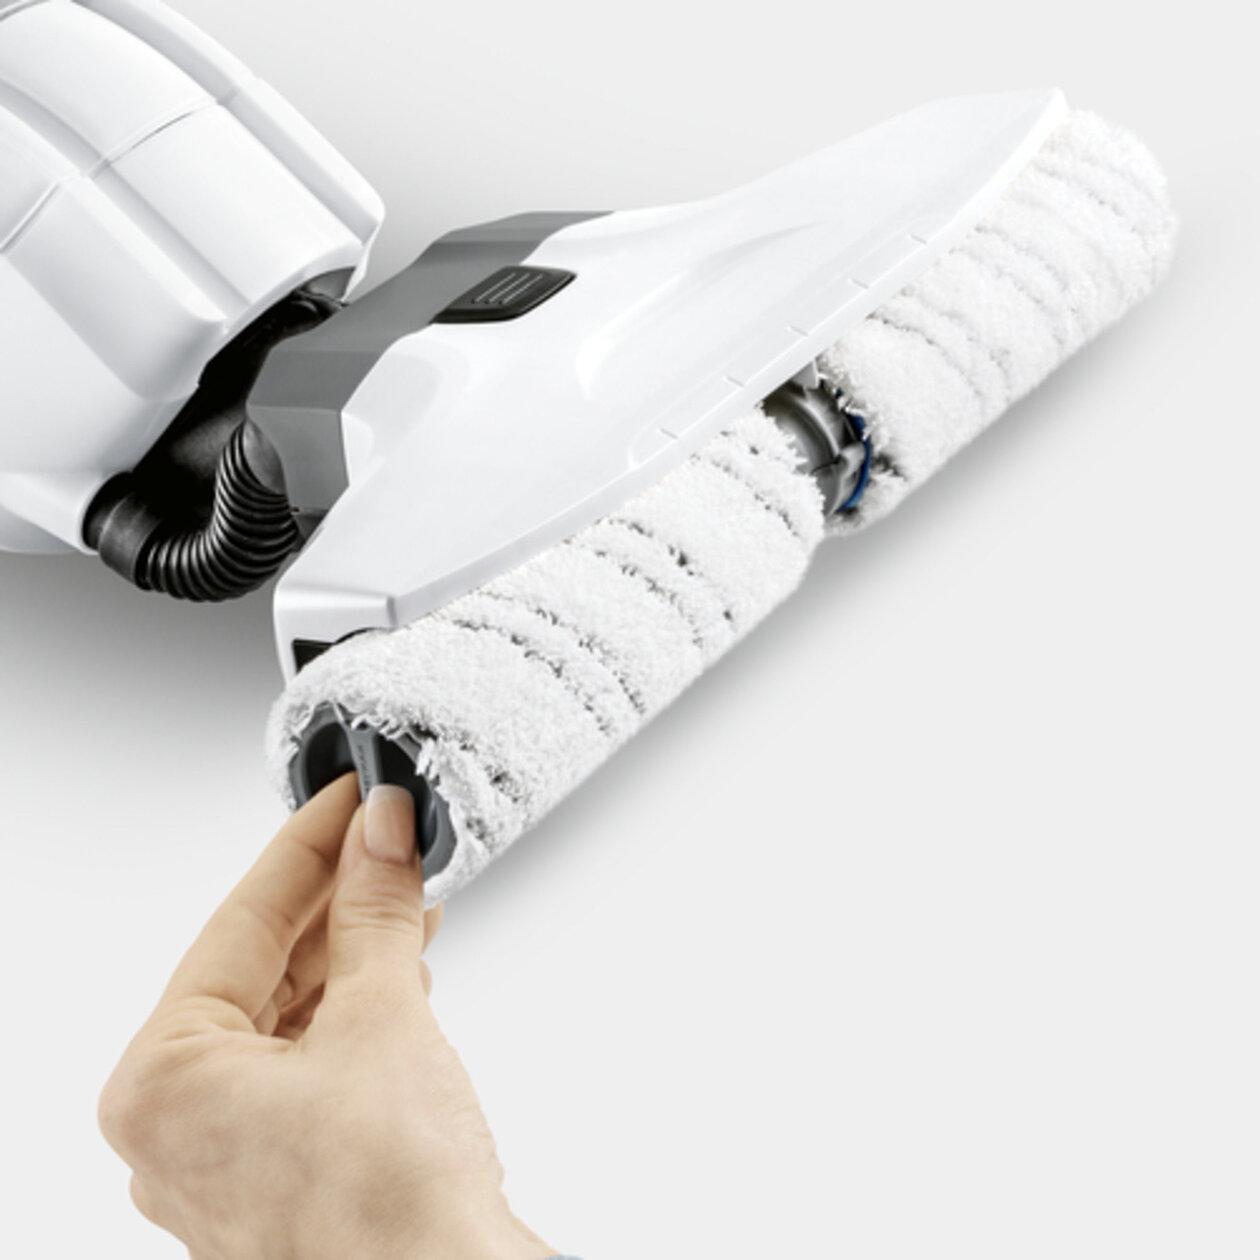 Čistič tvrdých podlah FC 5 Premium white (model 2019): Kvalitní válce z mikrovláken